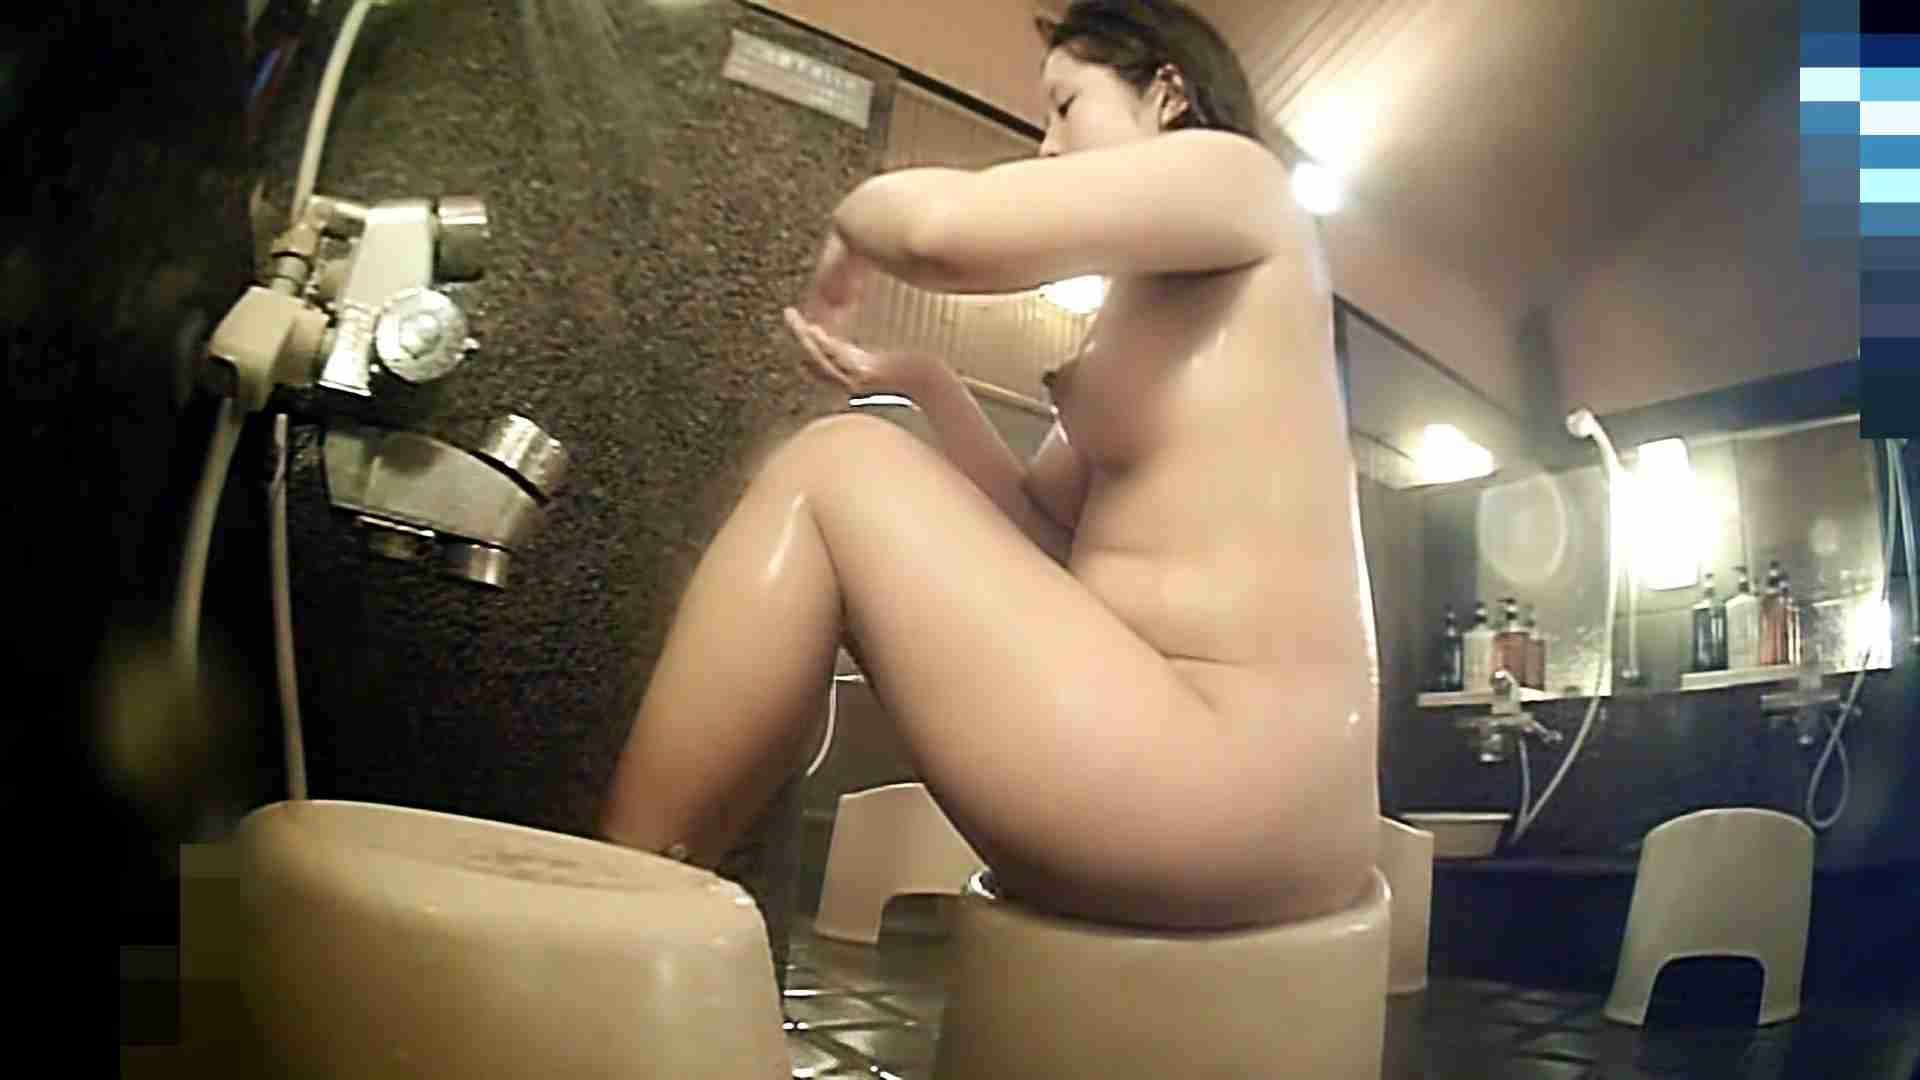 [画質UP]TG.27 【一等兵】超大作!ムッチリ美女の一部始終をどうぞ 女風呂  23pic 15